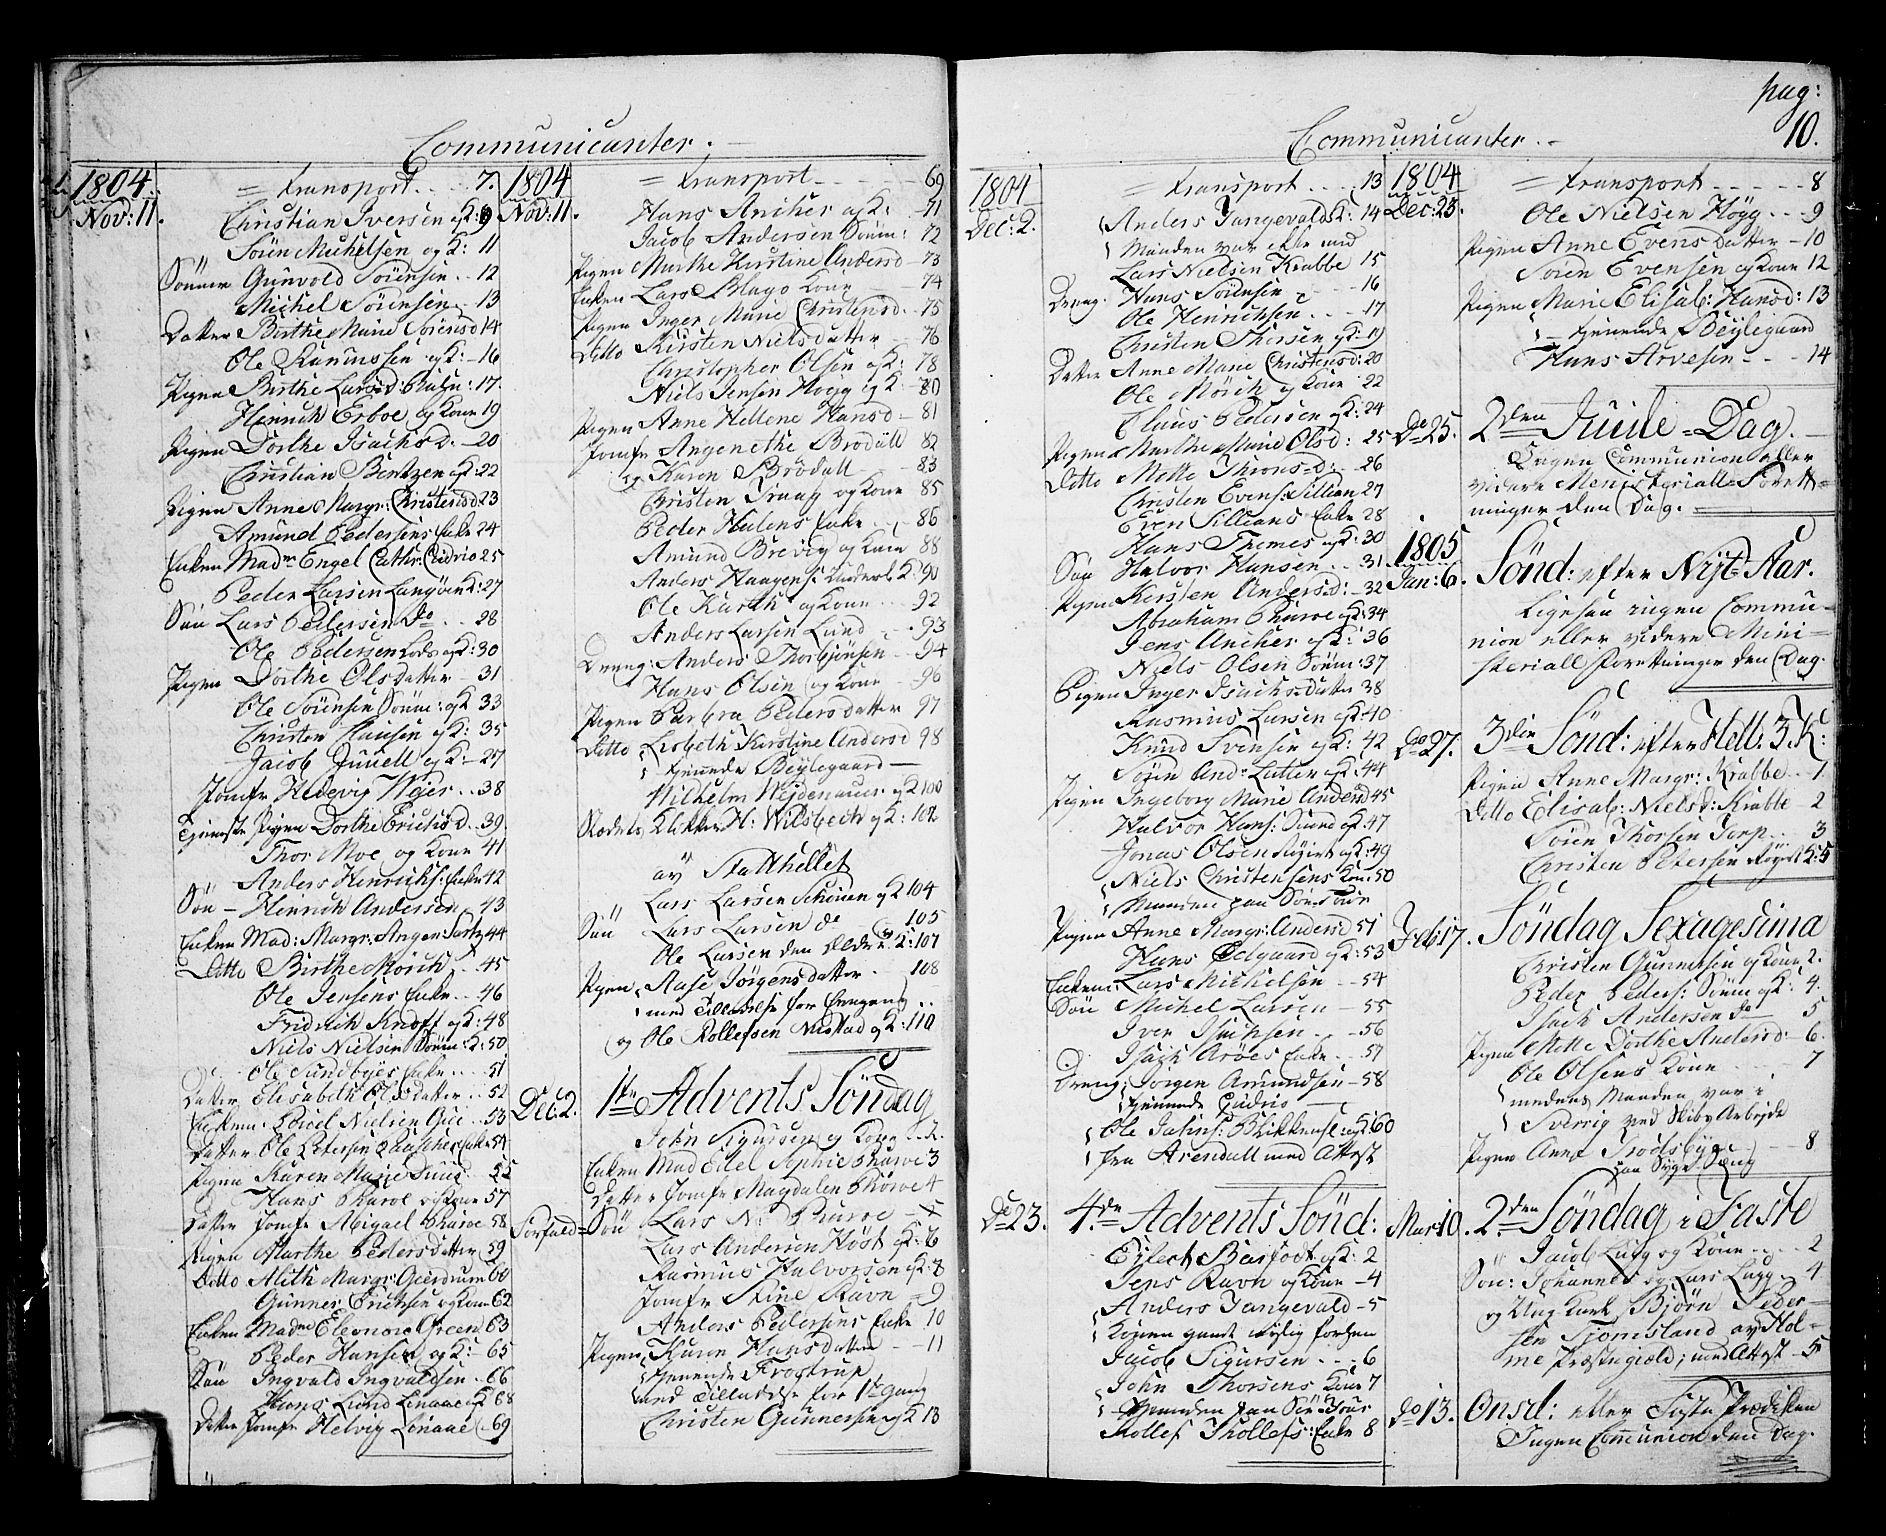 SAKO, Langesund kirkebøker, G/Ga/L0002: Klokkerbok nr. 2, 1801-1815, s. 10